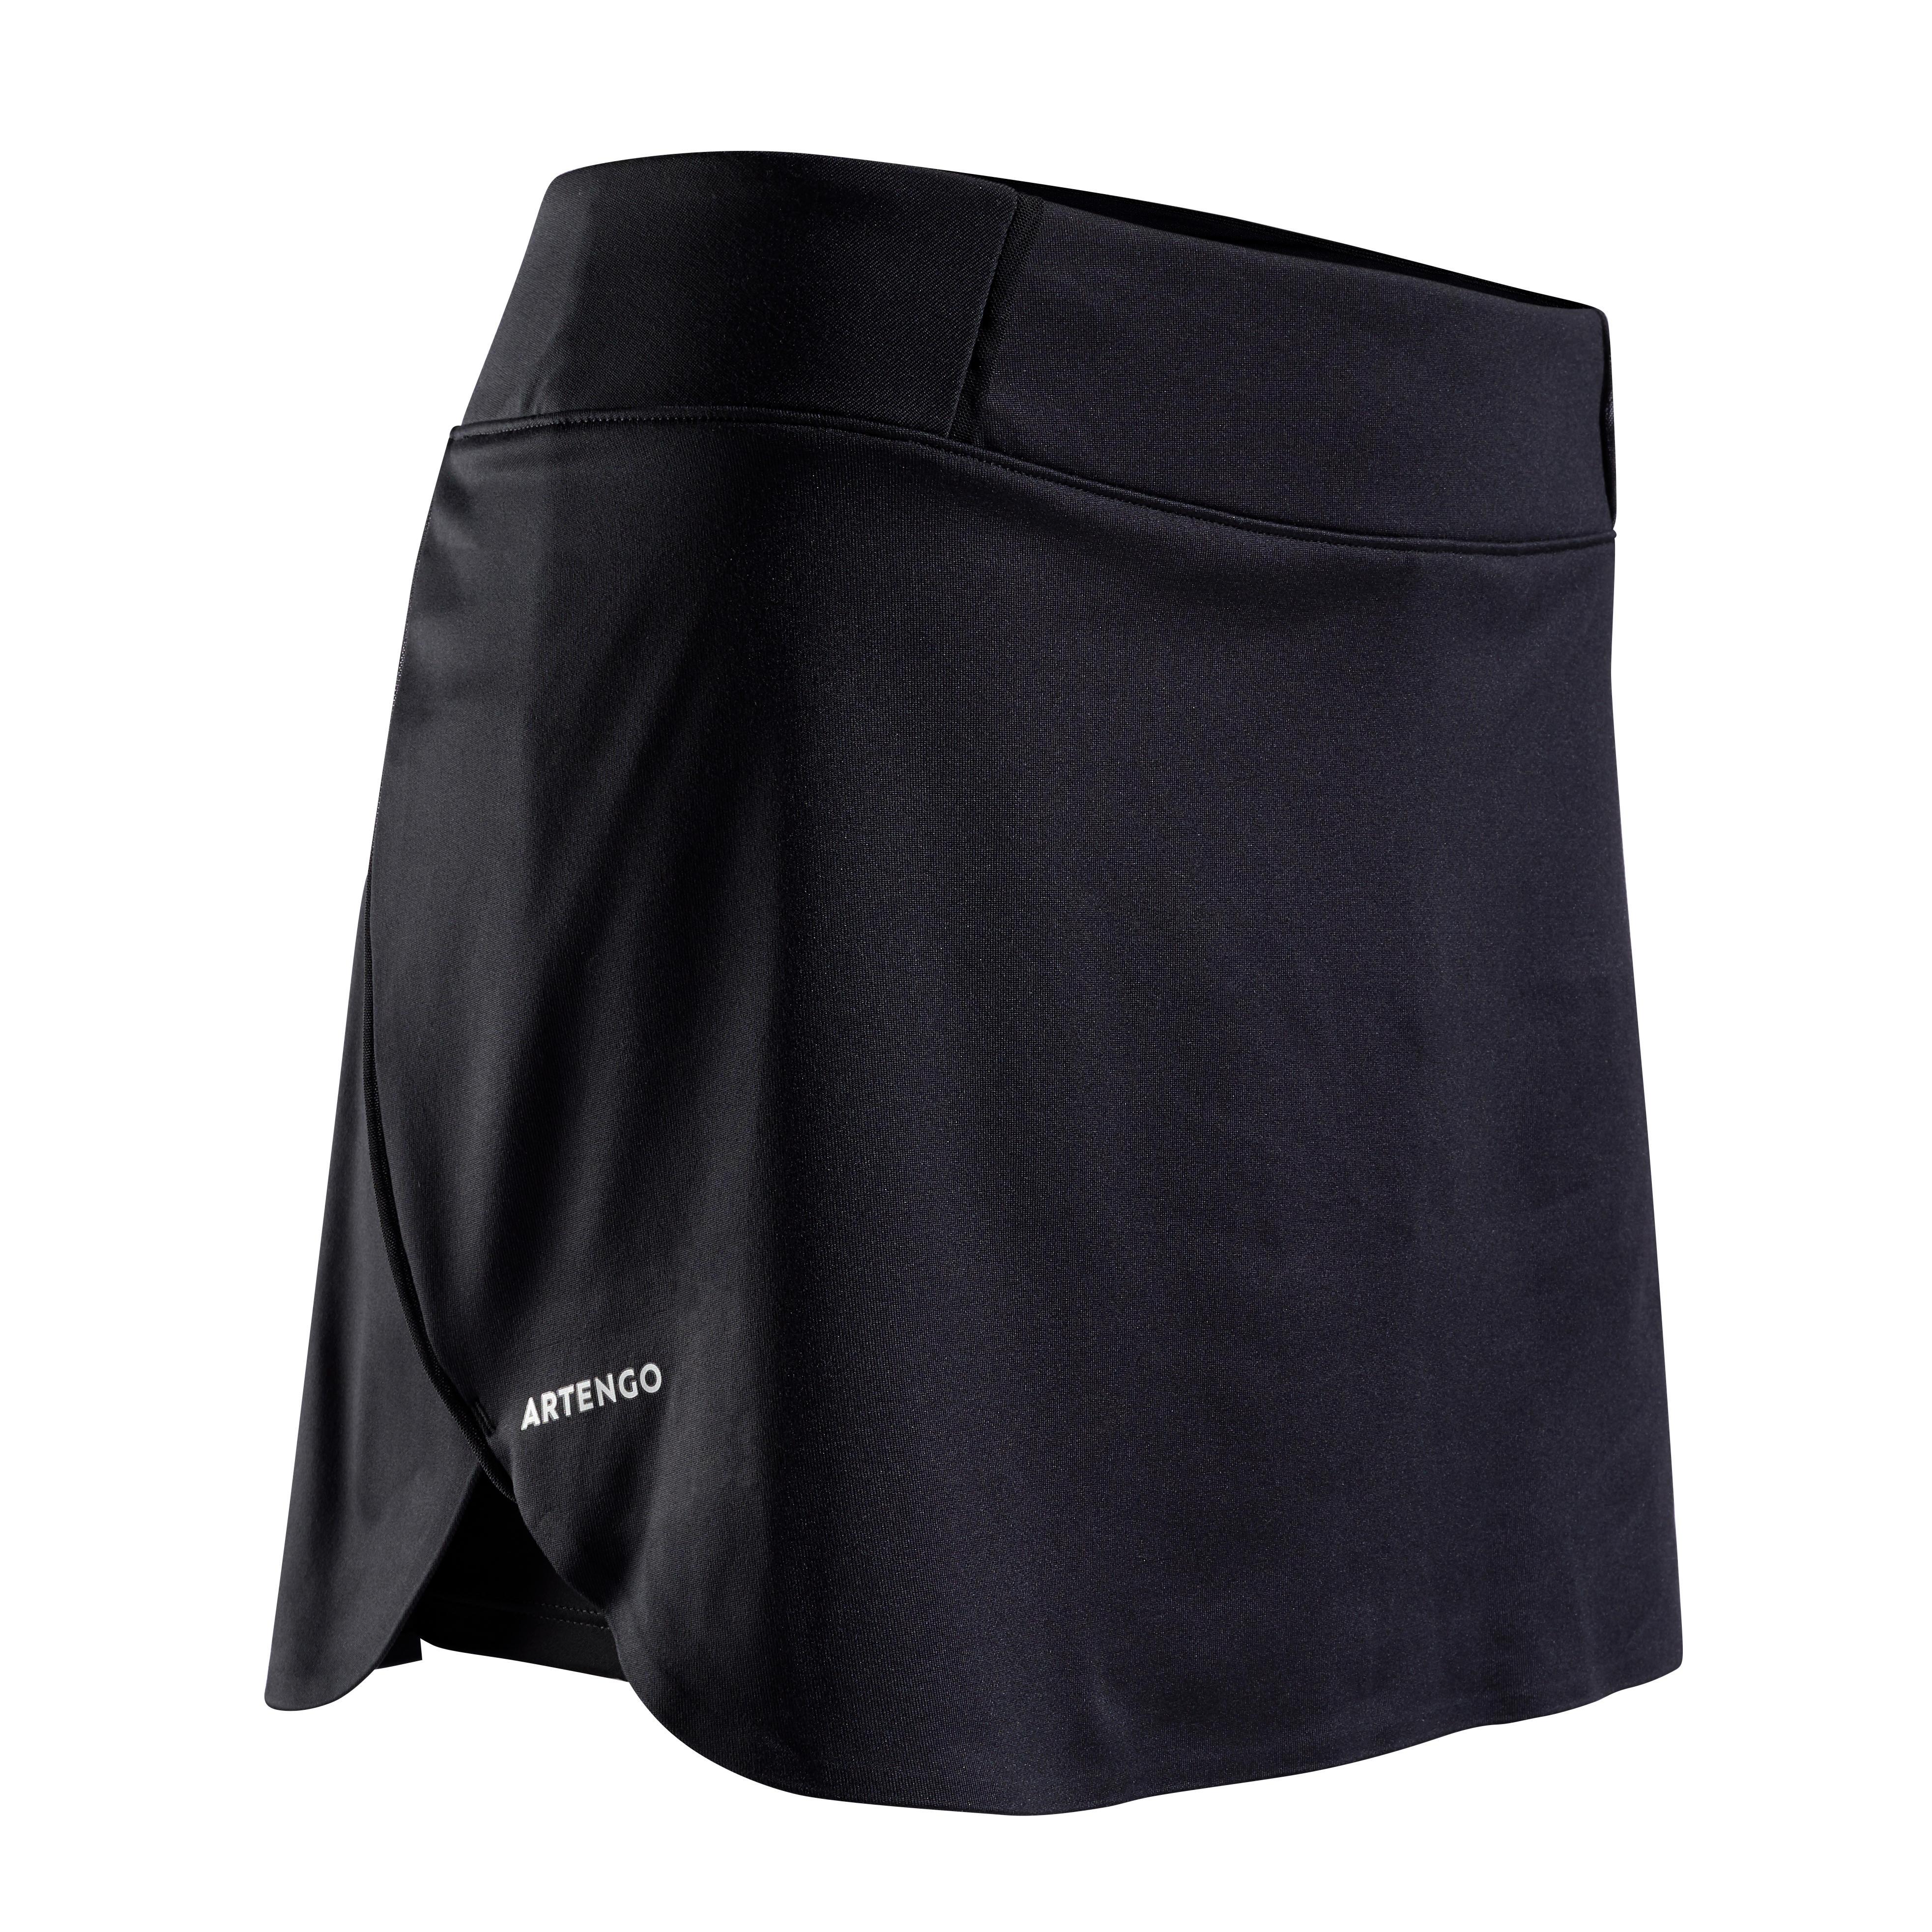 Tennisrock SK Light 990 Damen | Sportbekleidung > Sportröcke > Tennisröcke | Artengo